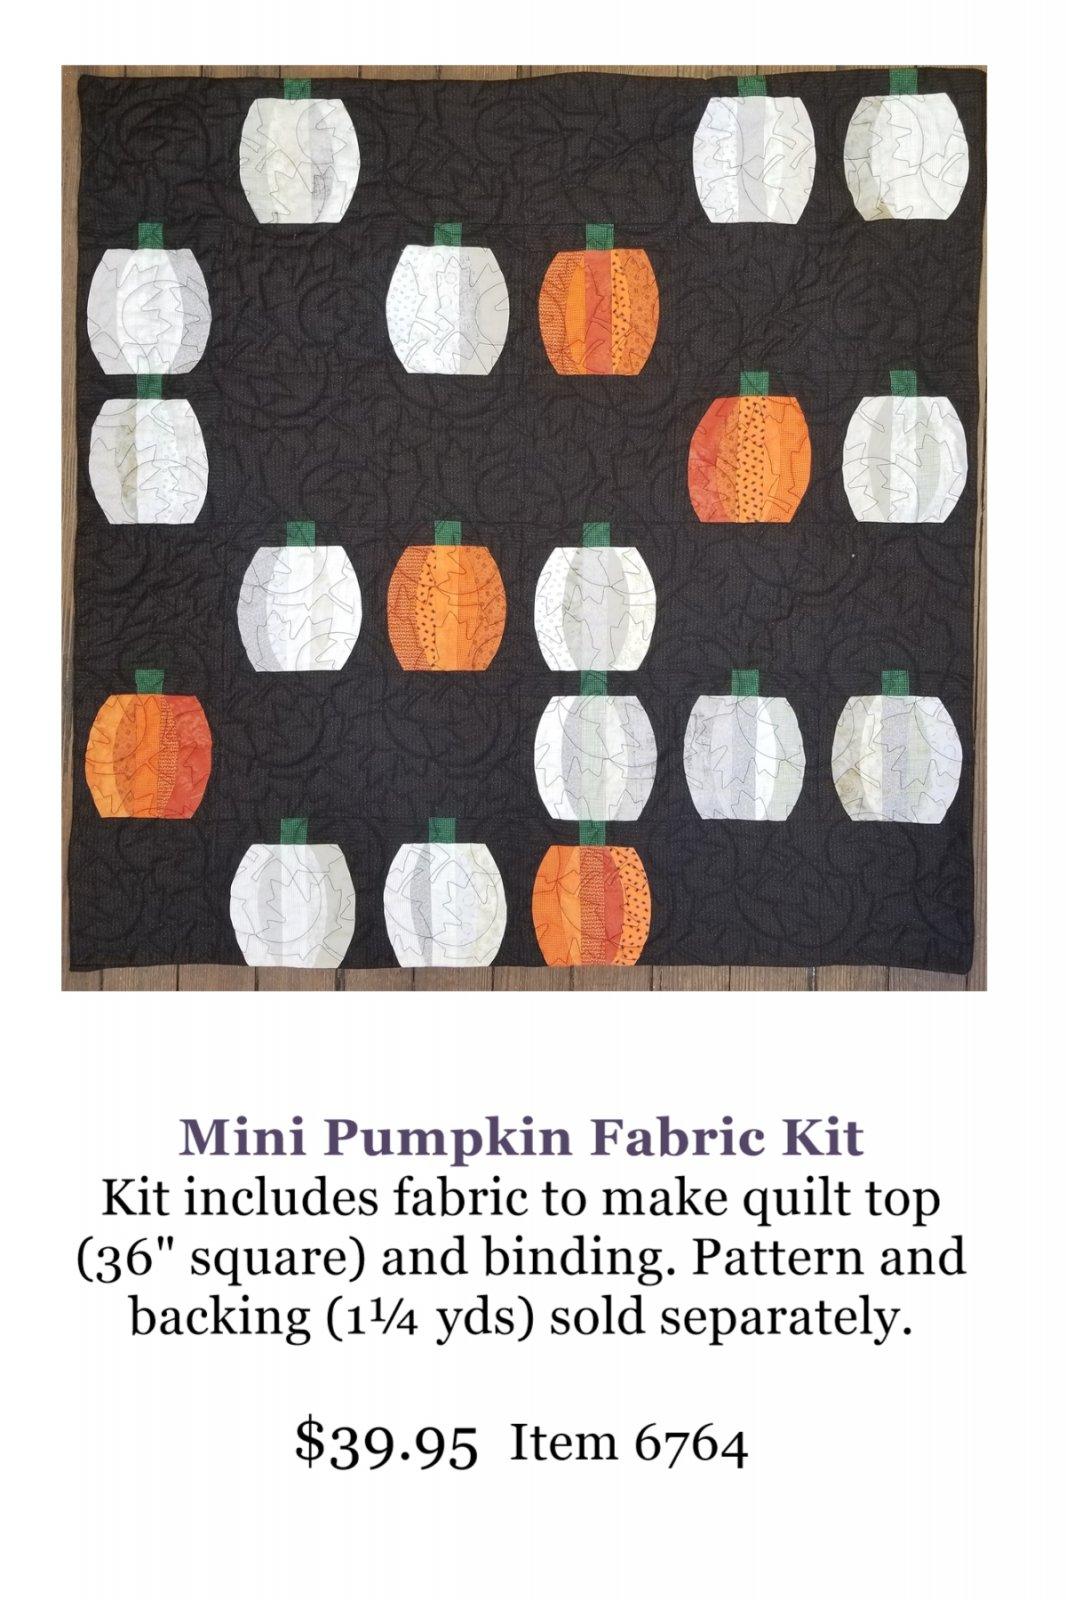 Mini Pumpkin Fabric Kit